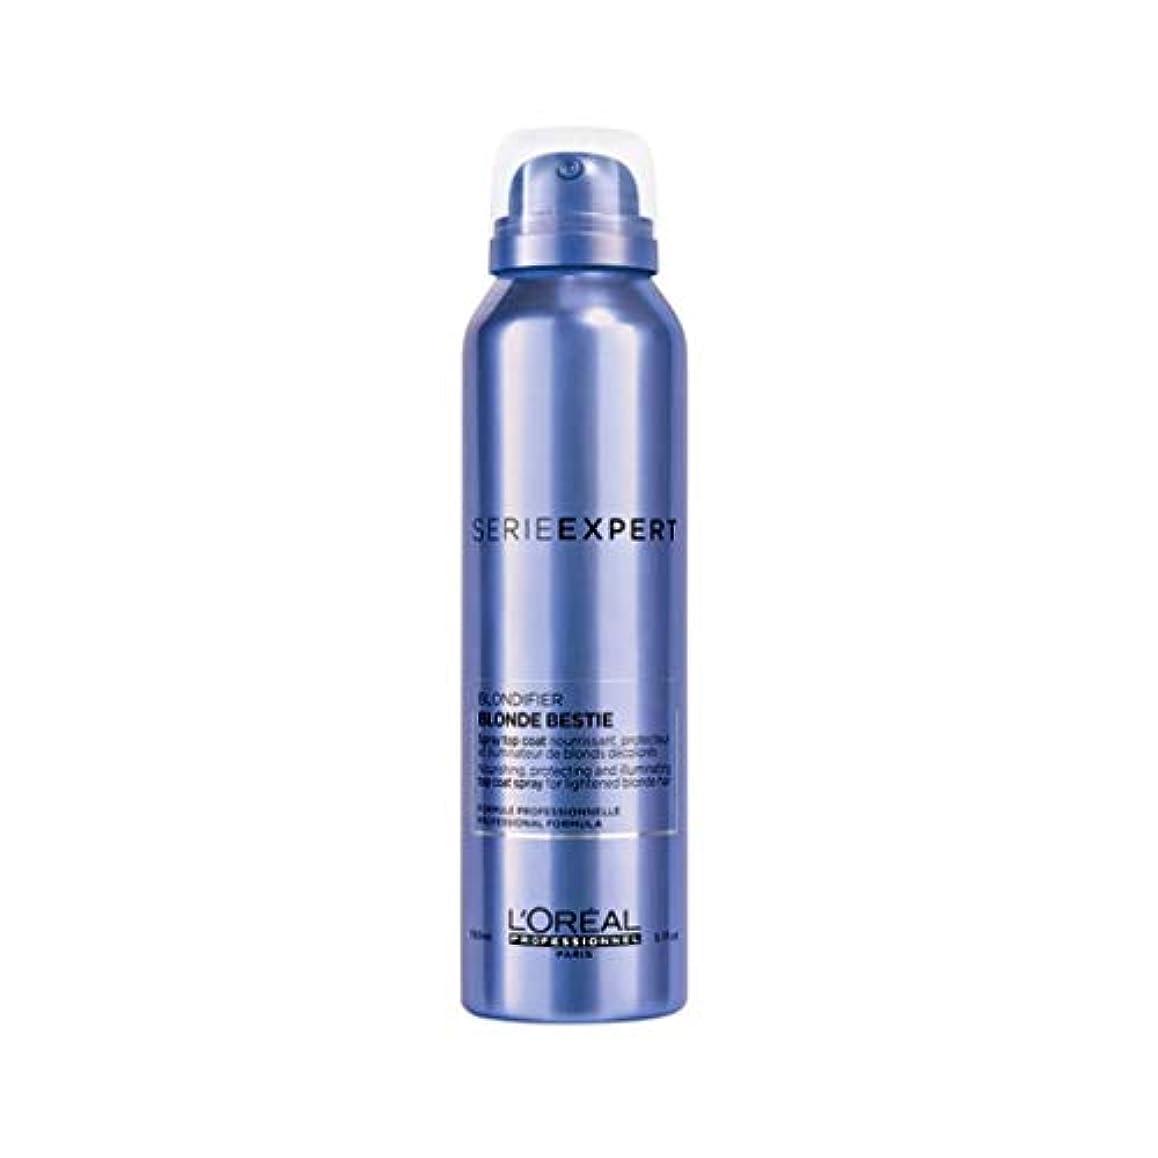 環境保護主義者風コンデンサーロレアル セリエ エクスパート ブロンディファイア ブロンド ベスティー スプレー L'Oreal Serie Expert Blondifier Blond Bestie Spray 150 ml [並行輸入品]